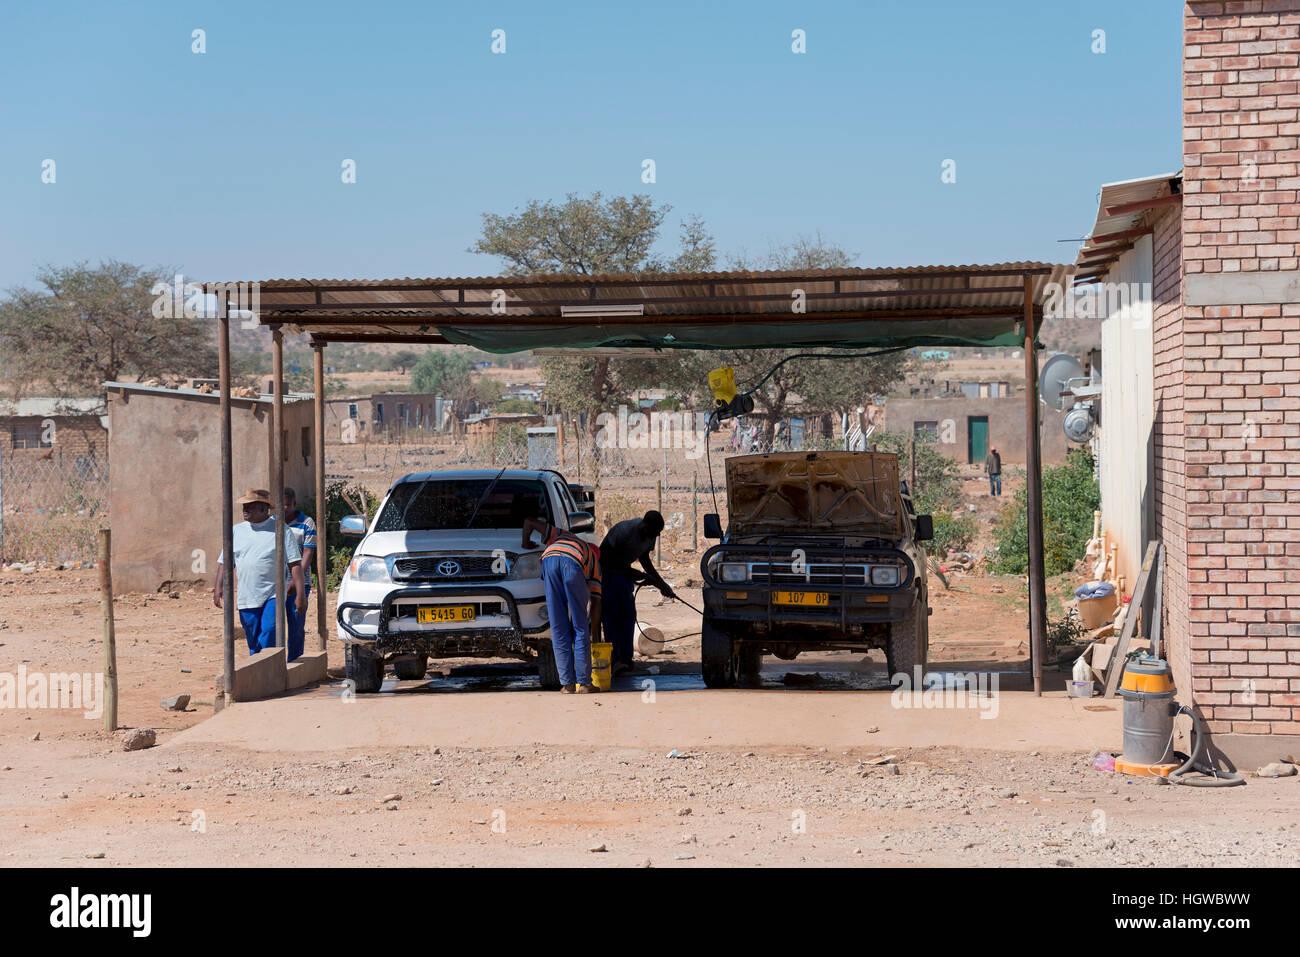 Cars wash, Opuwo, Namibia - Stock Image